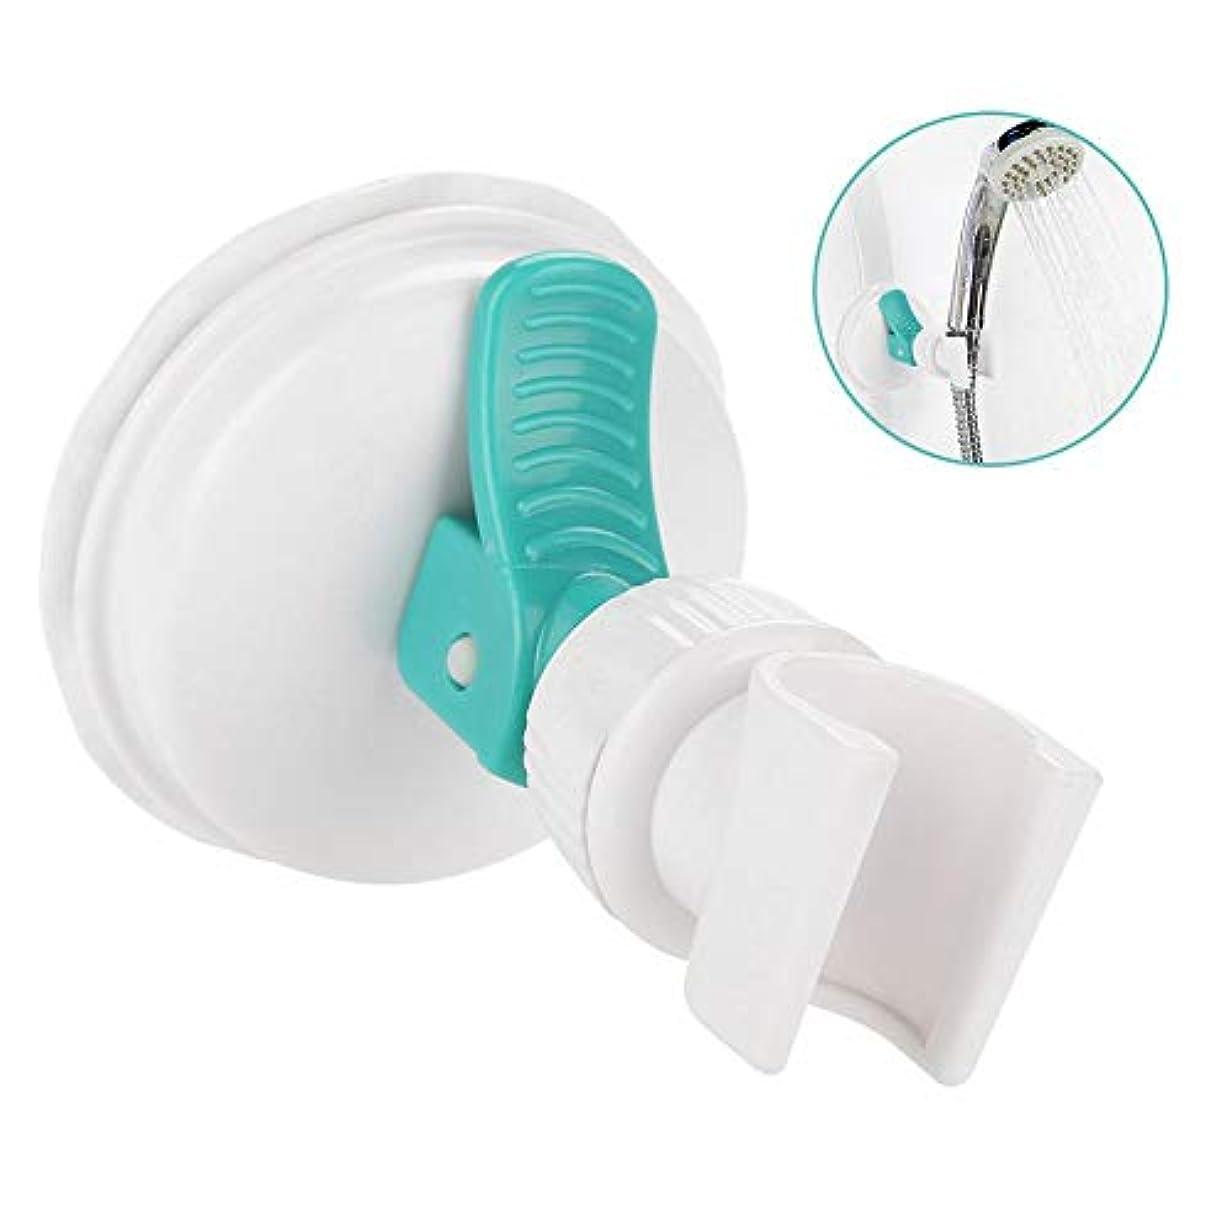 灰模索肘掛け椅子Semmeのシャワー?ヘッドのホールダー、妊娠中の女性、高齢者および子供のための極度の強い吸引のコップのシャワー?ヘッド調節可能な壁ブラケットの手の自由で快適なシャワー